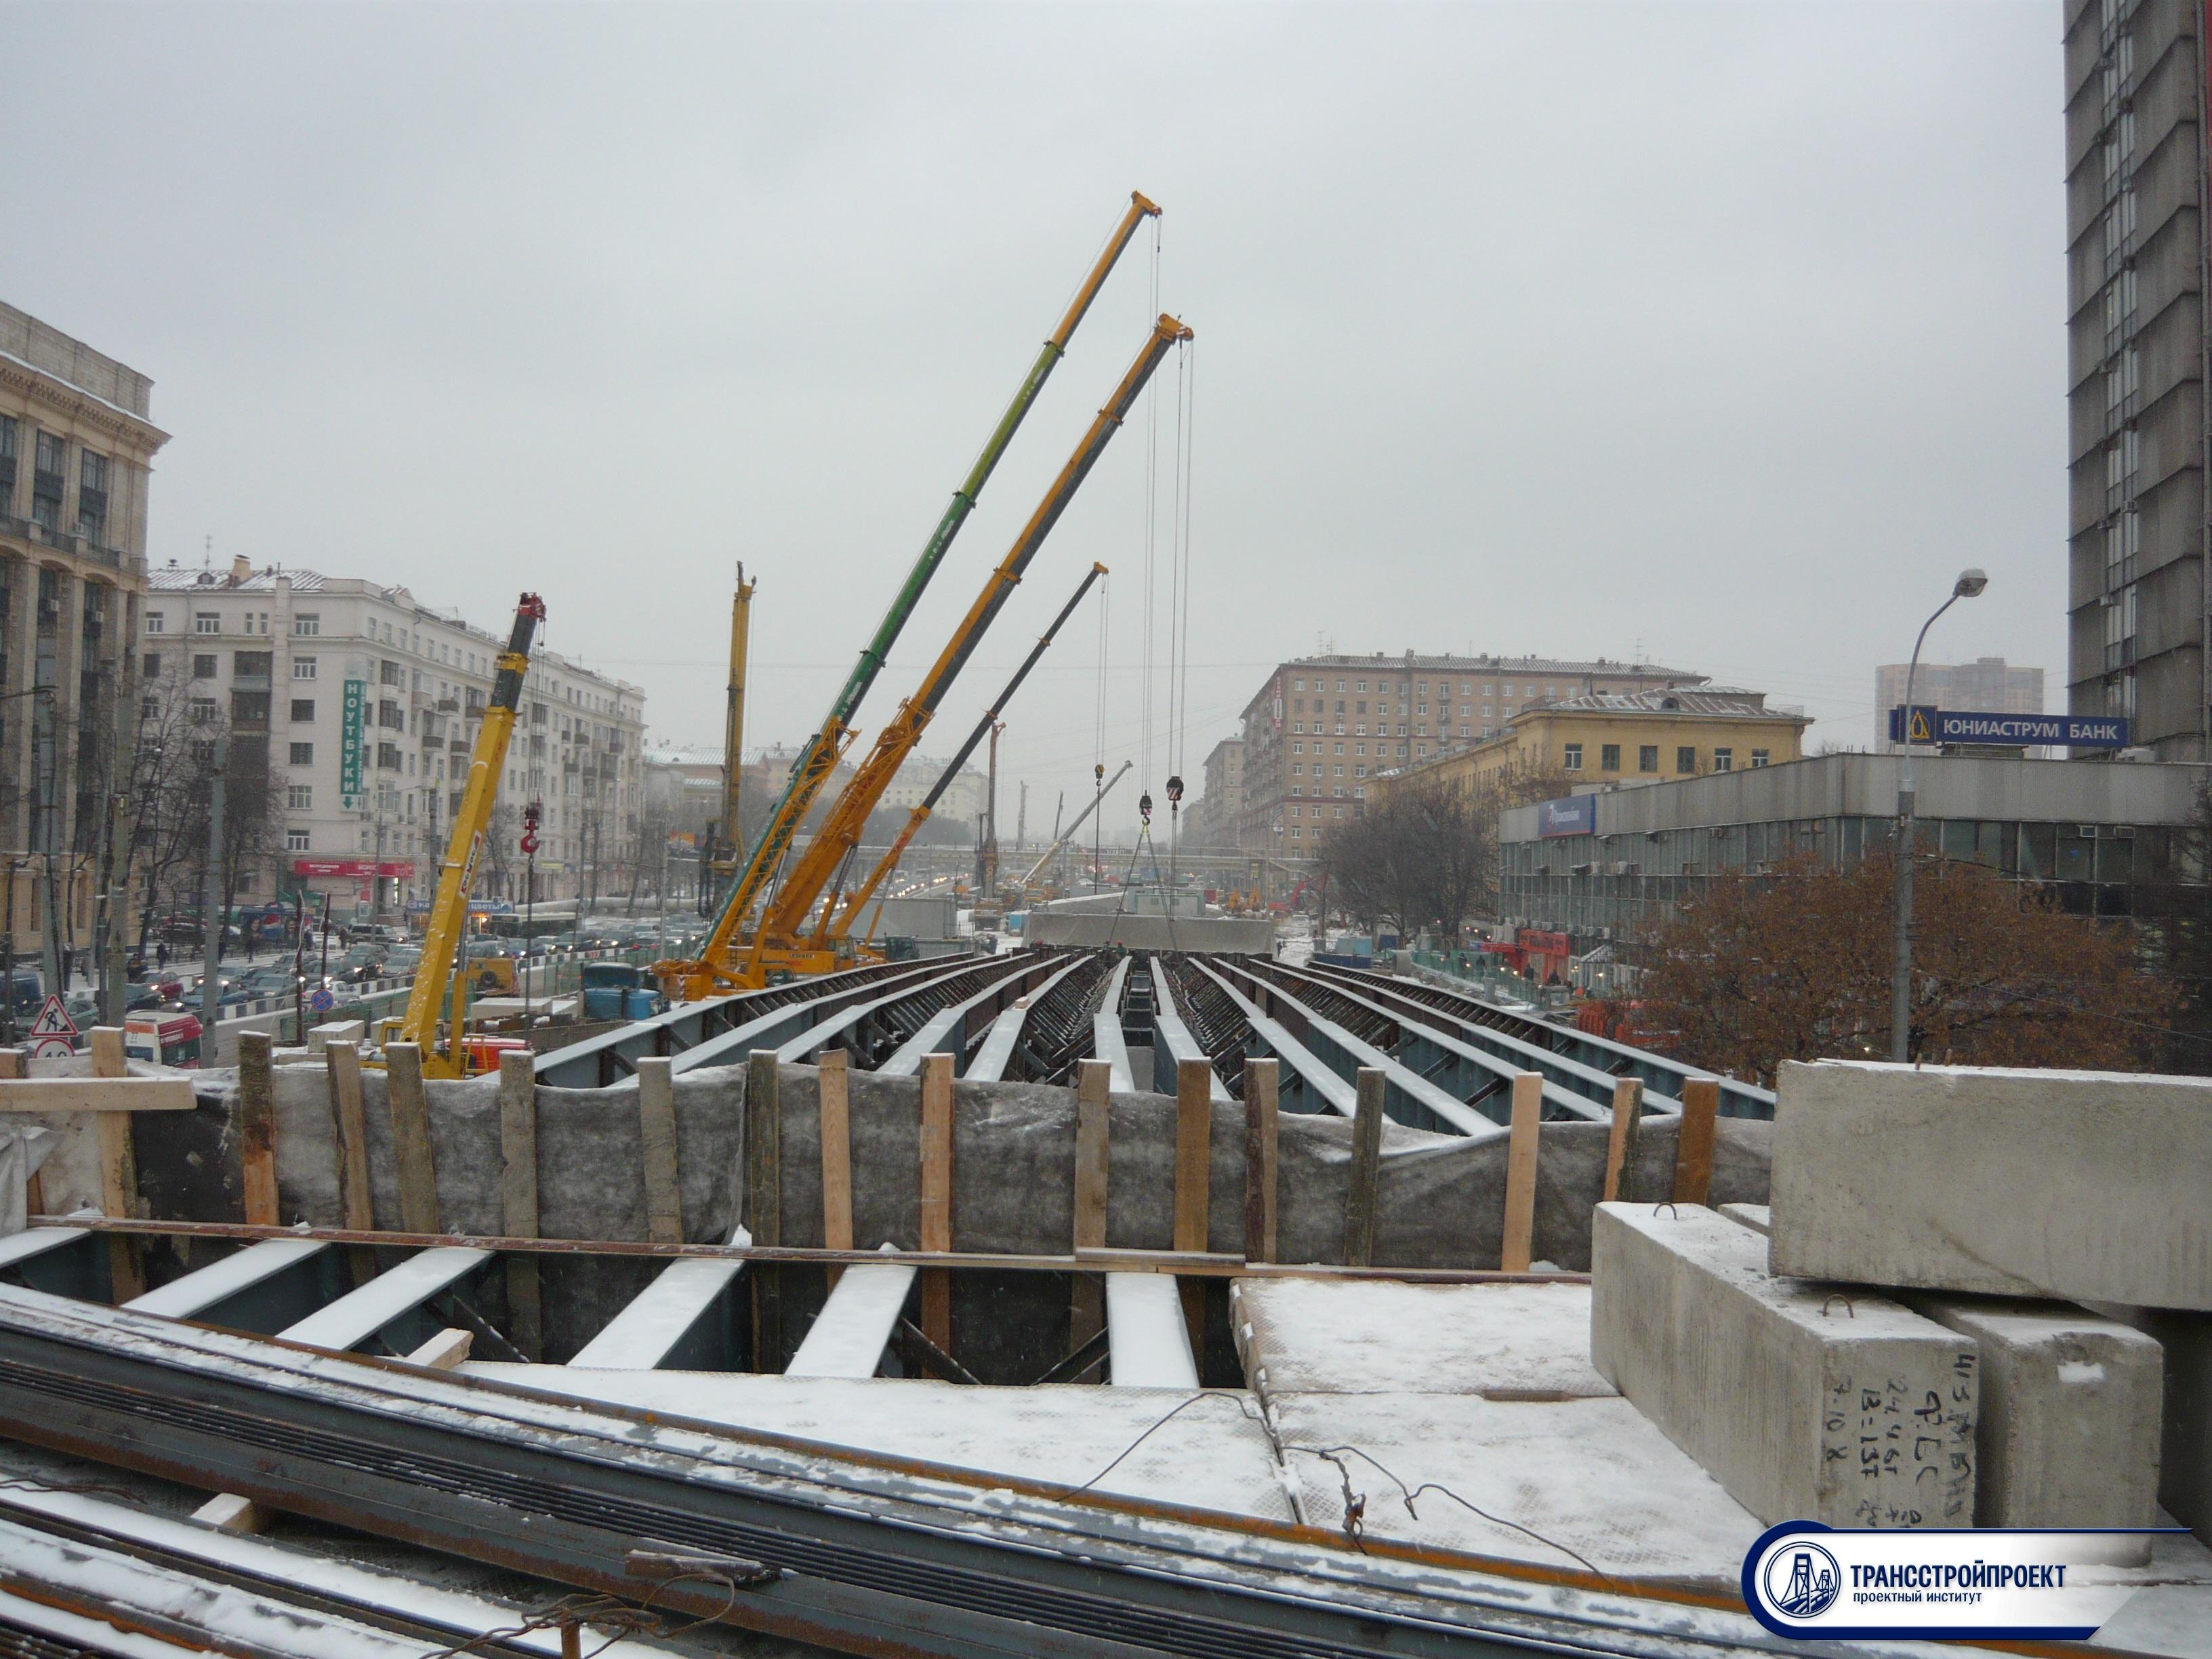 Временная автодорожная эстакада на развязке Ленинградского и Волокомамского ш